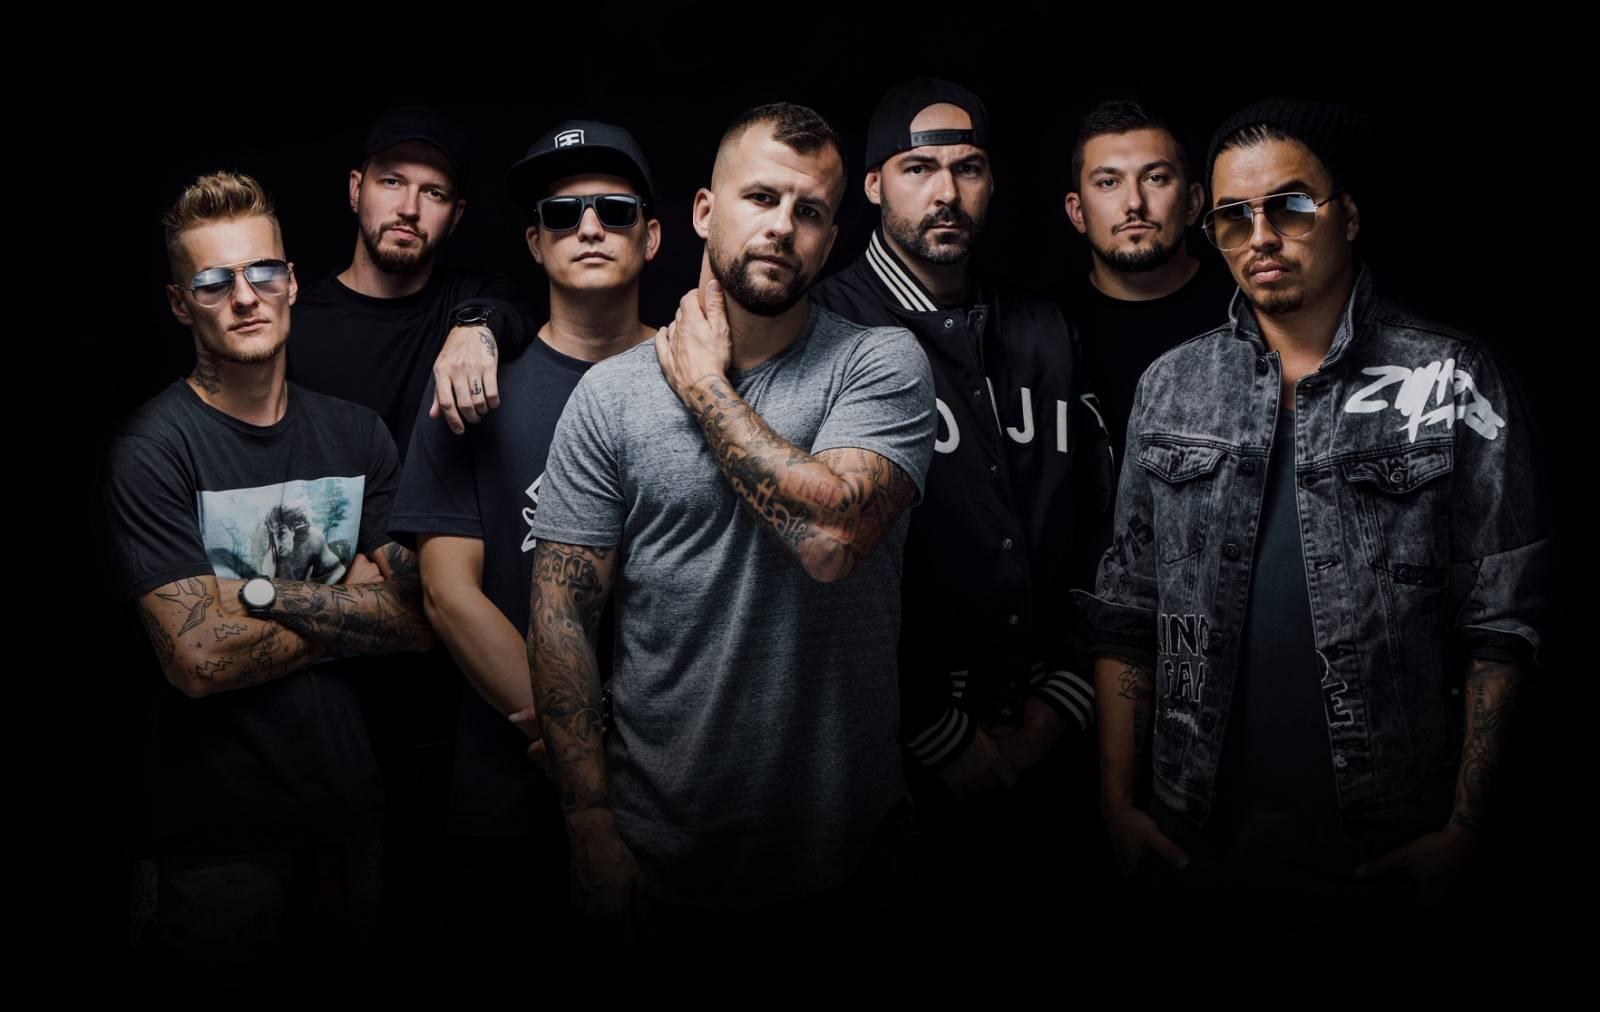 VIDEOPREMIÉRA: Marpo a TroubleGang lákají na album DVA. Spojili rap s metalem a tvrdou elektronikou